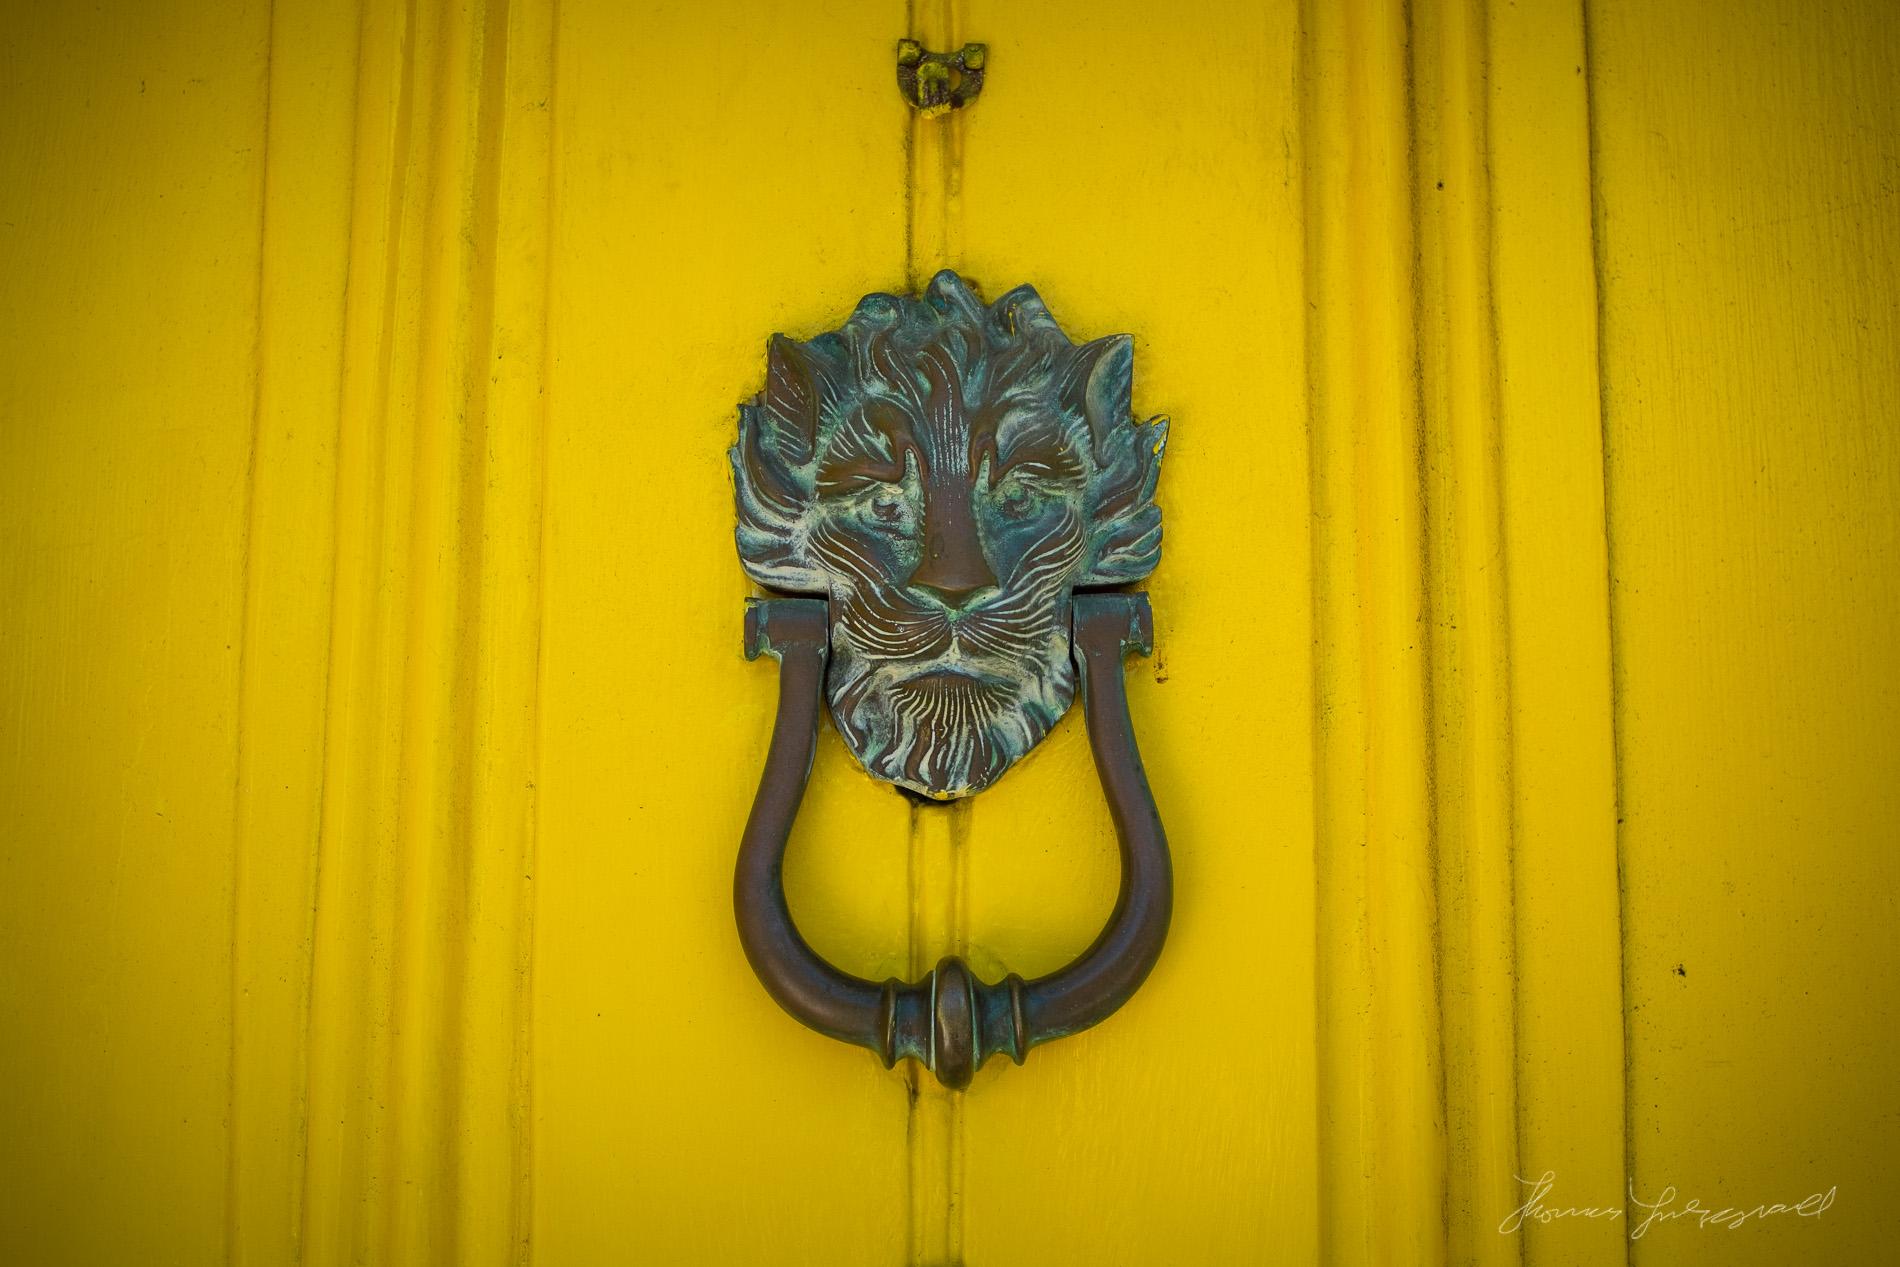 Lion Door Knocker on Yellow Door